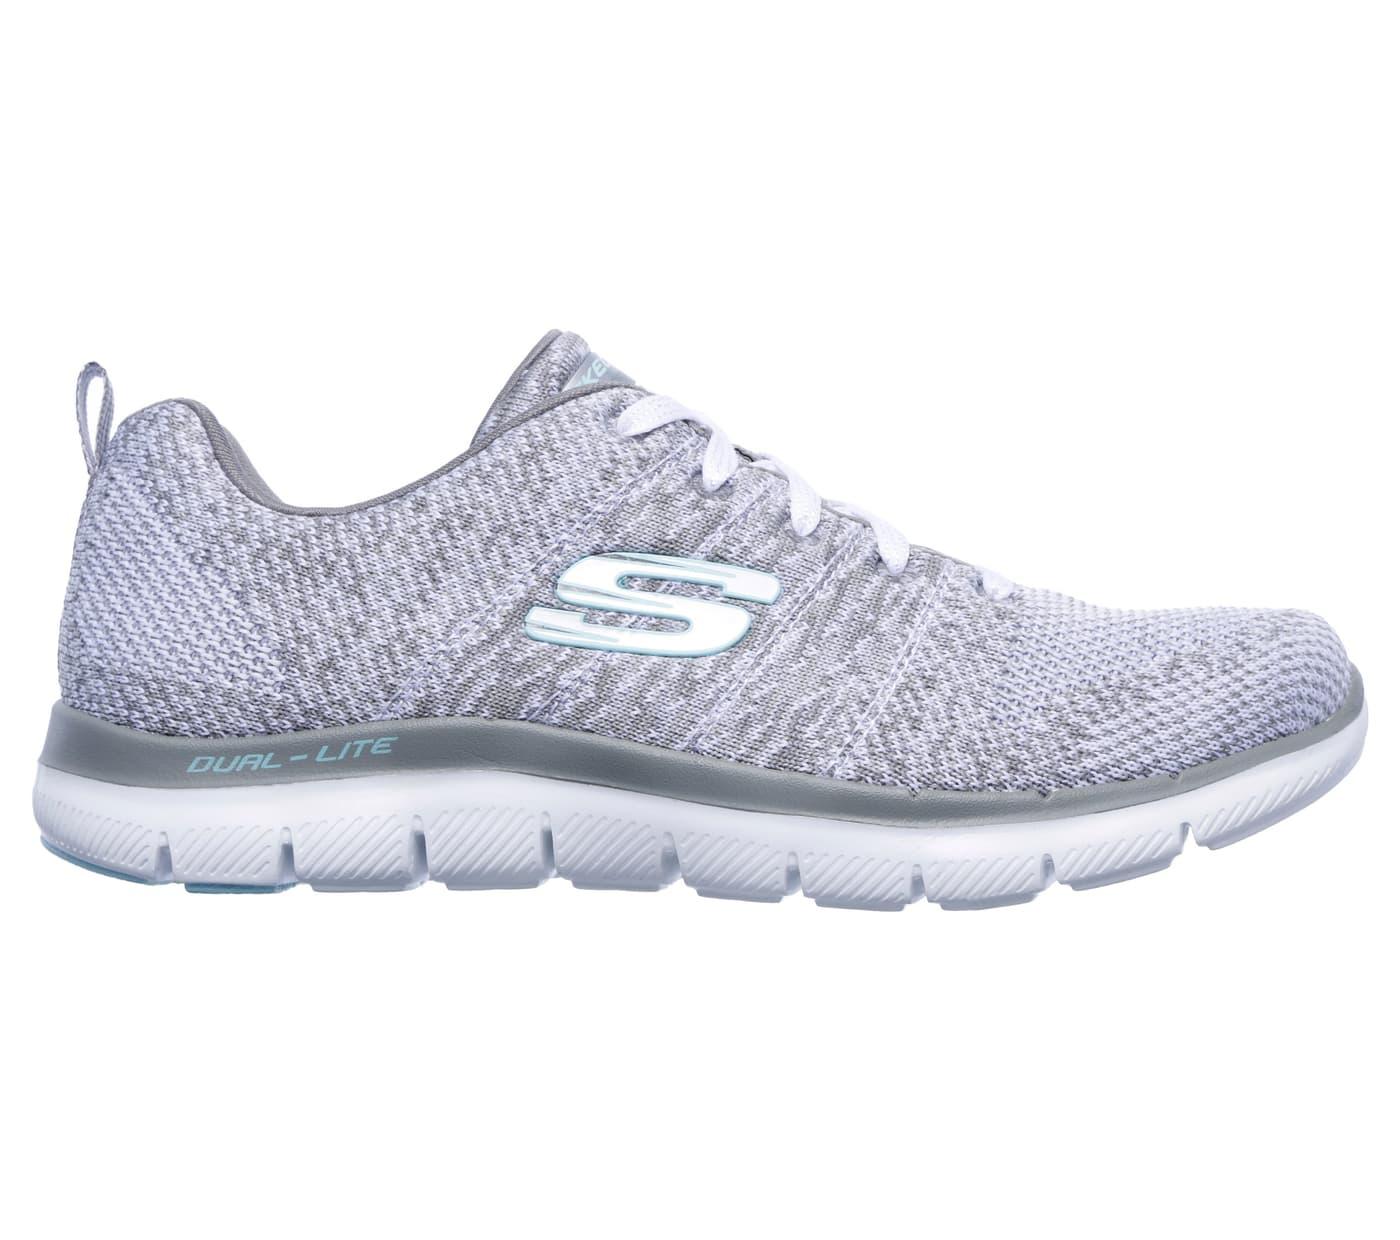 Flex Femmes Appel 2.0 Nouvelles Chaussures De Sport D'image Skechers Qd3Jus